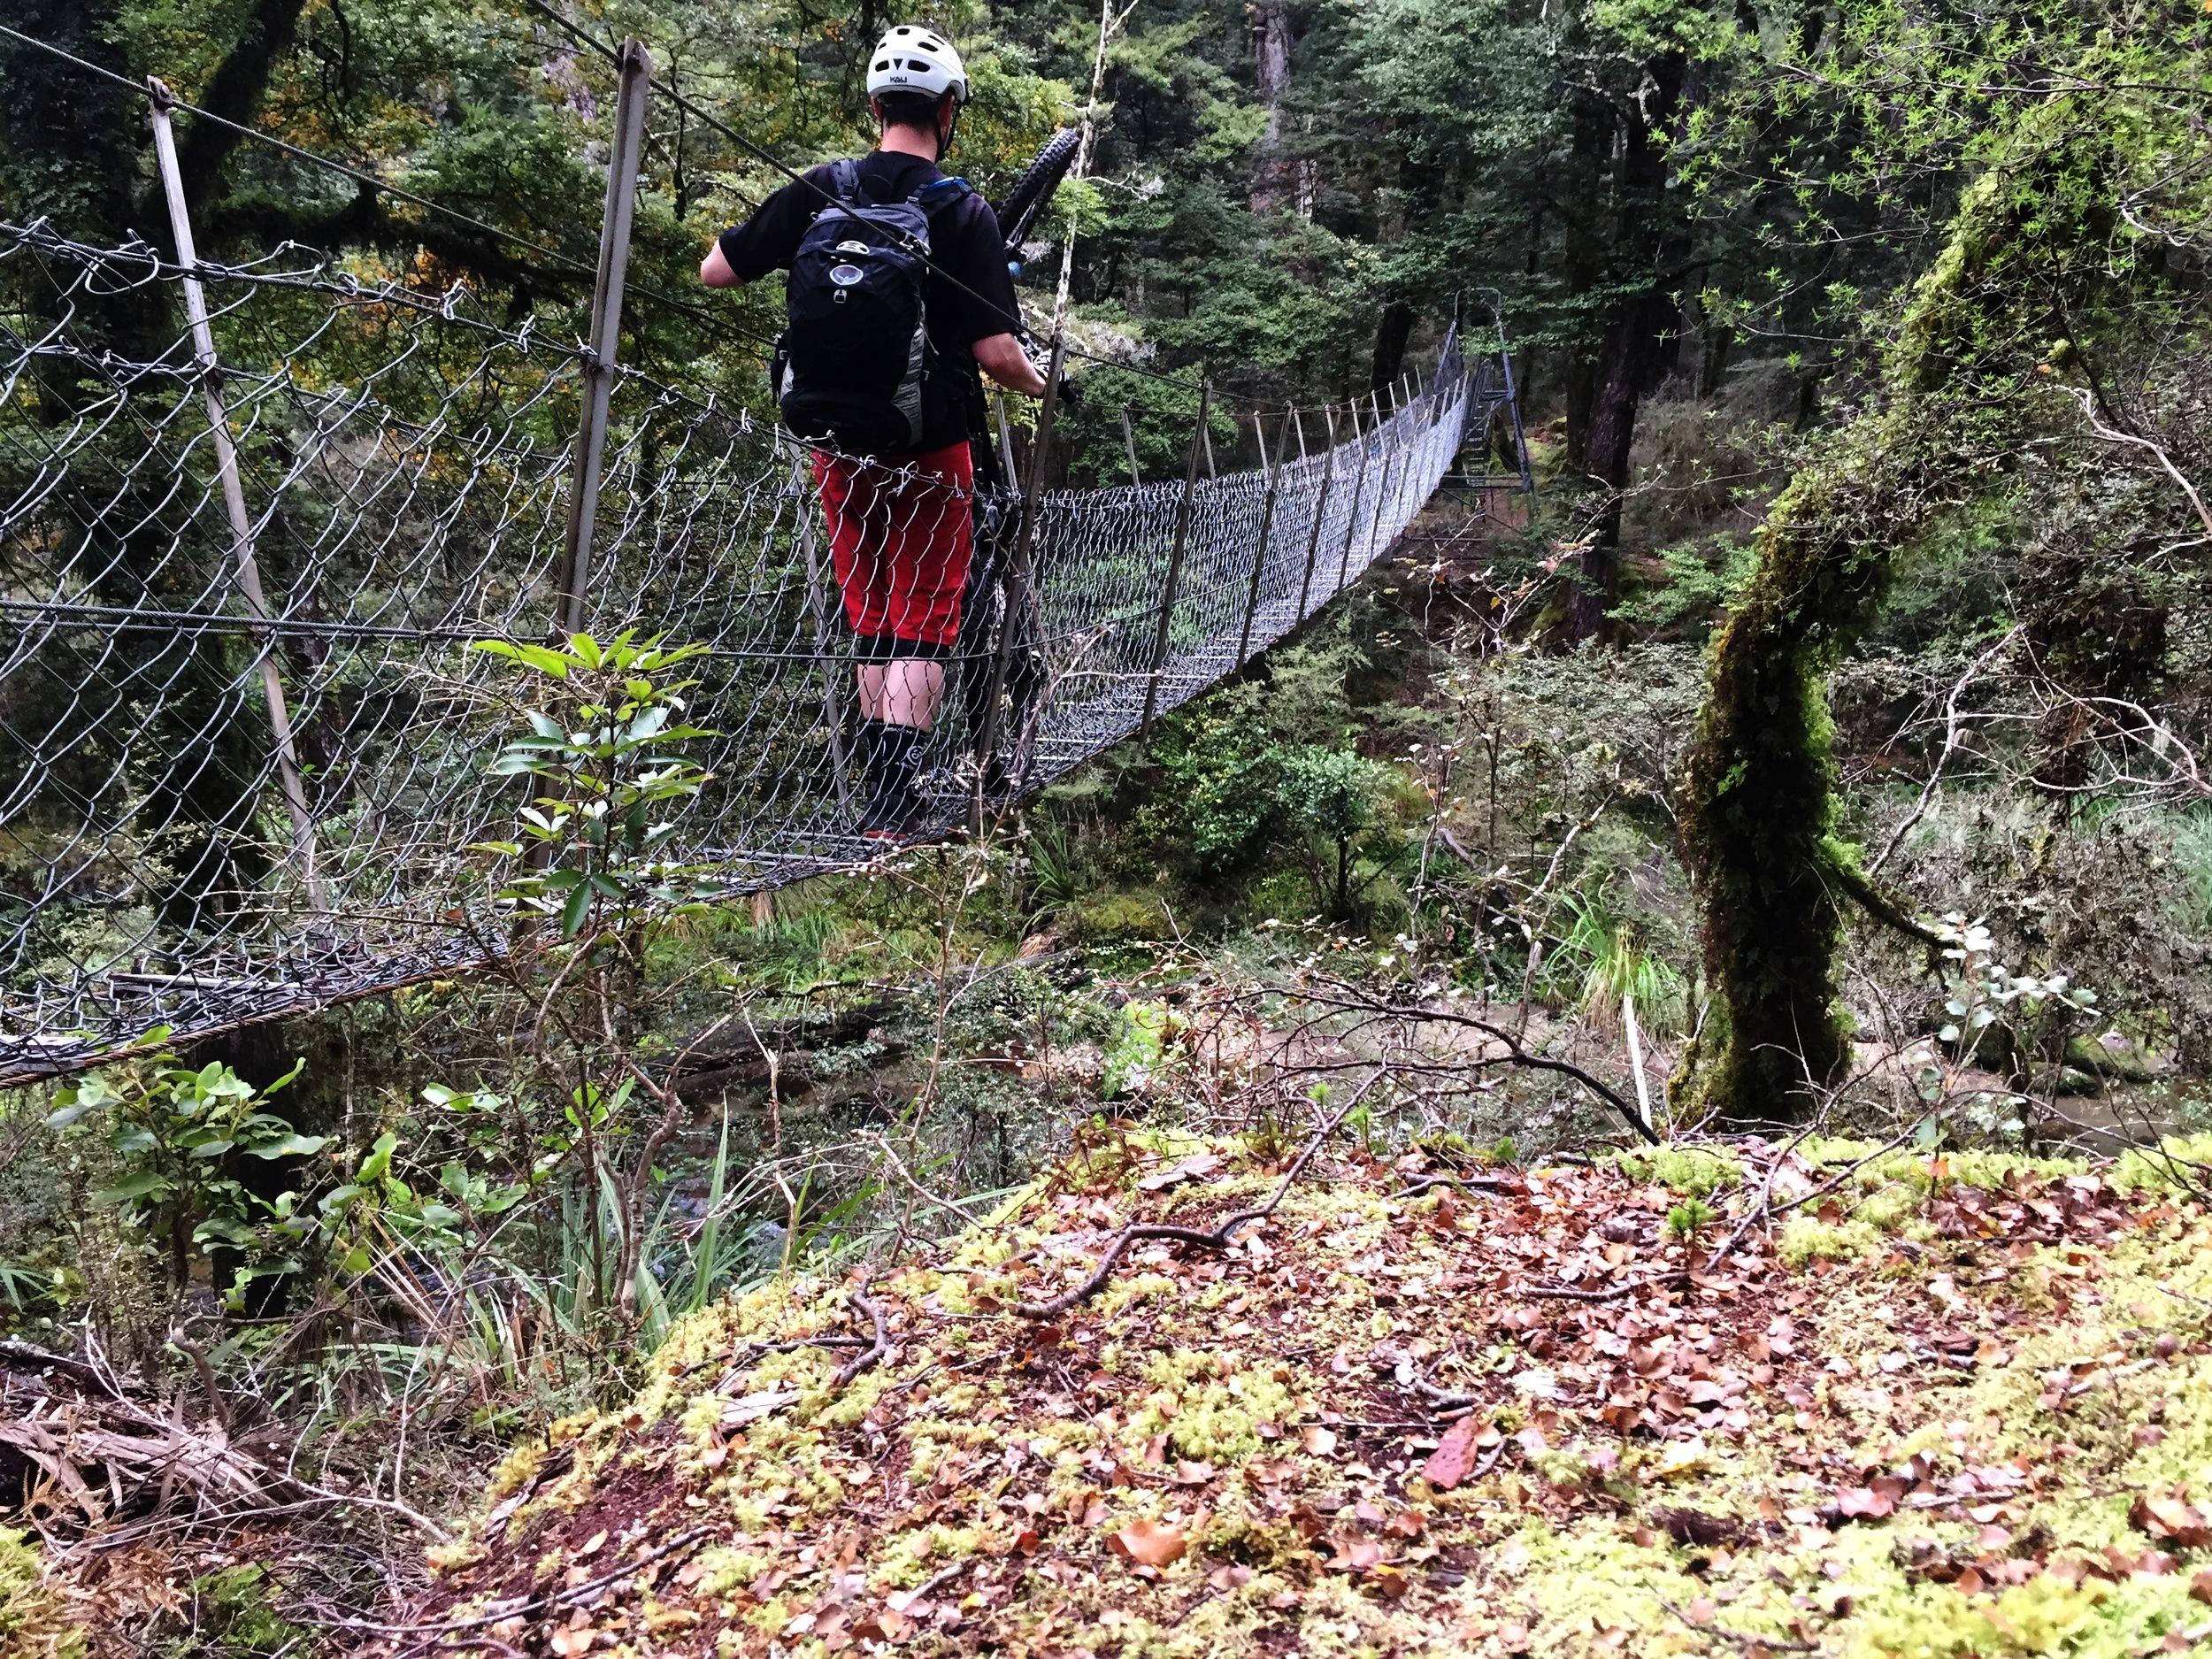 Dan-Crossing-Te-Iringa-Suspension-bridge.JPG